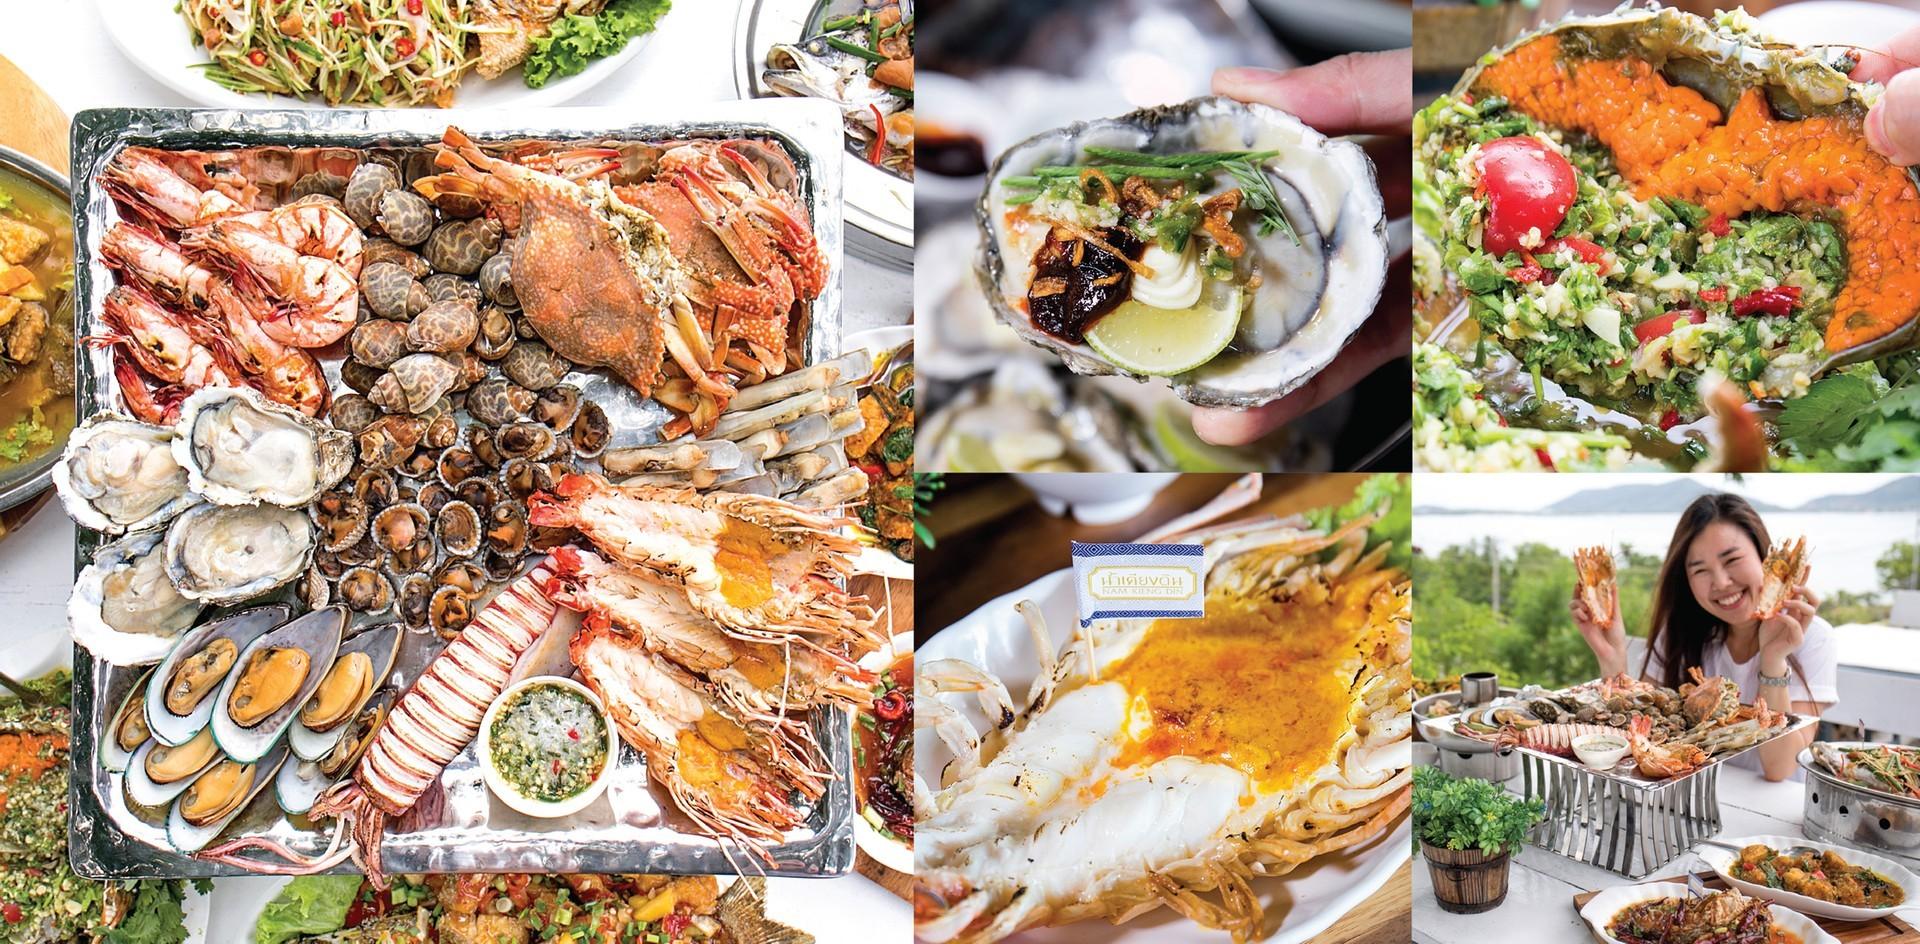 [รีวิว] ร้านน้ำเคียงดิน เกาะยอ สงขลา กินอาหารทะเลสด ๆ กับวิวพาโนรามา